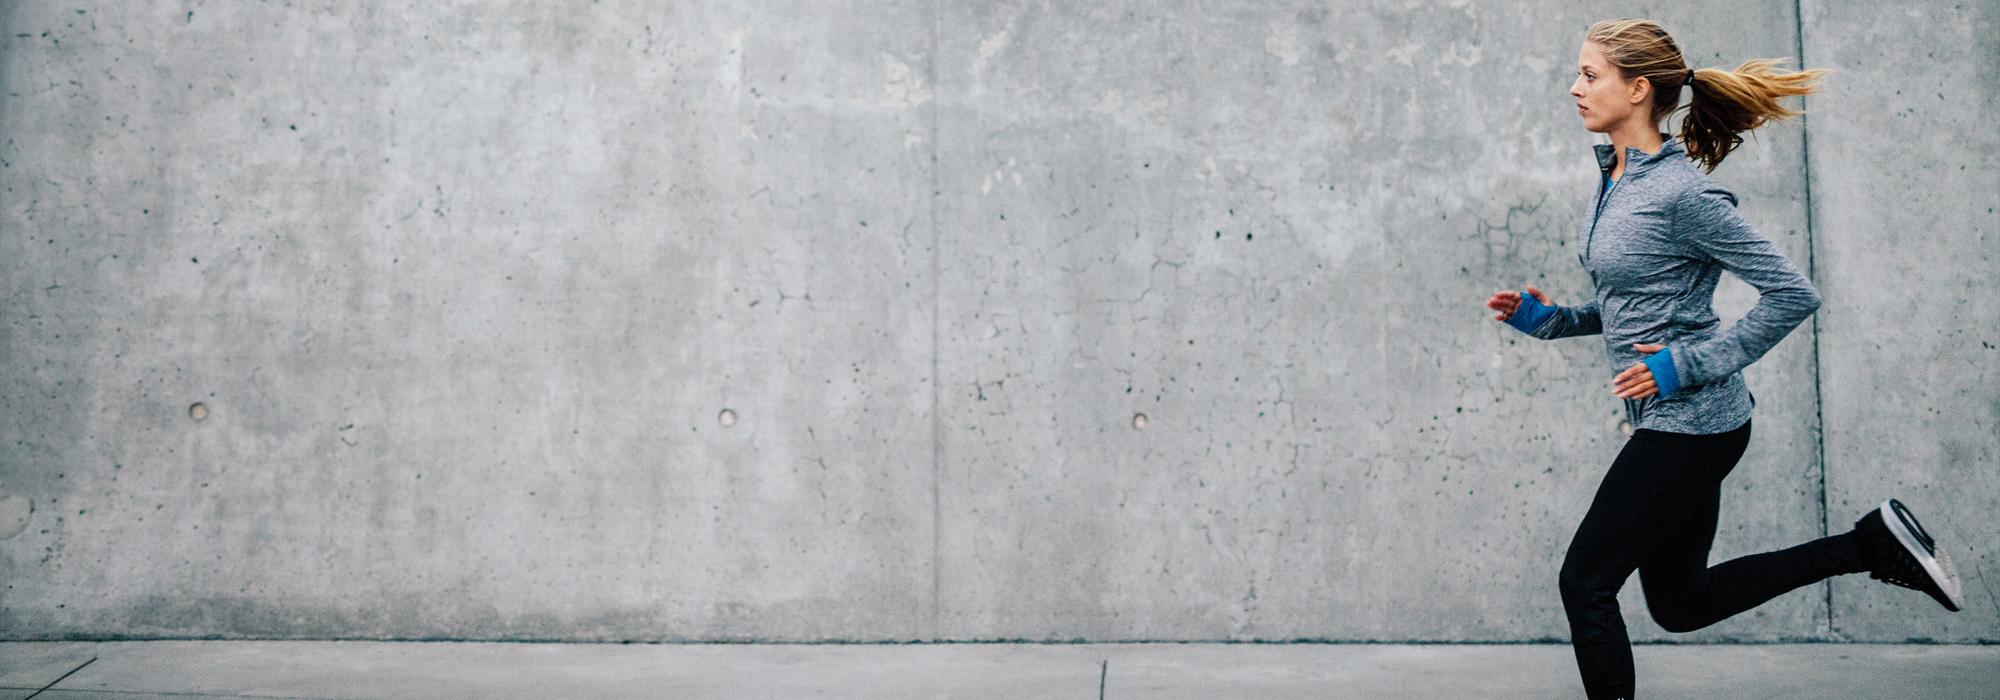 Influencer Marketing - A Sprint or a Marathon?